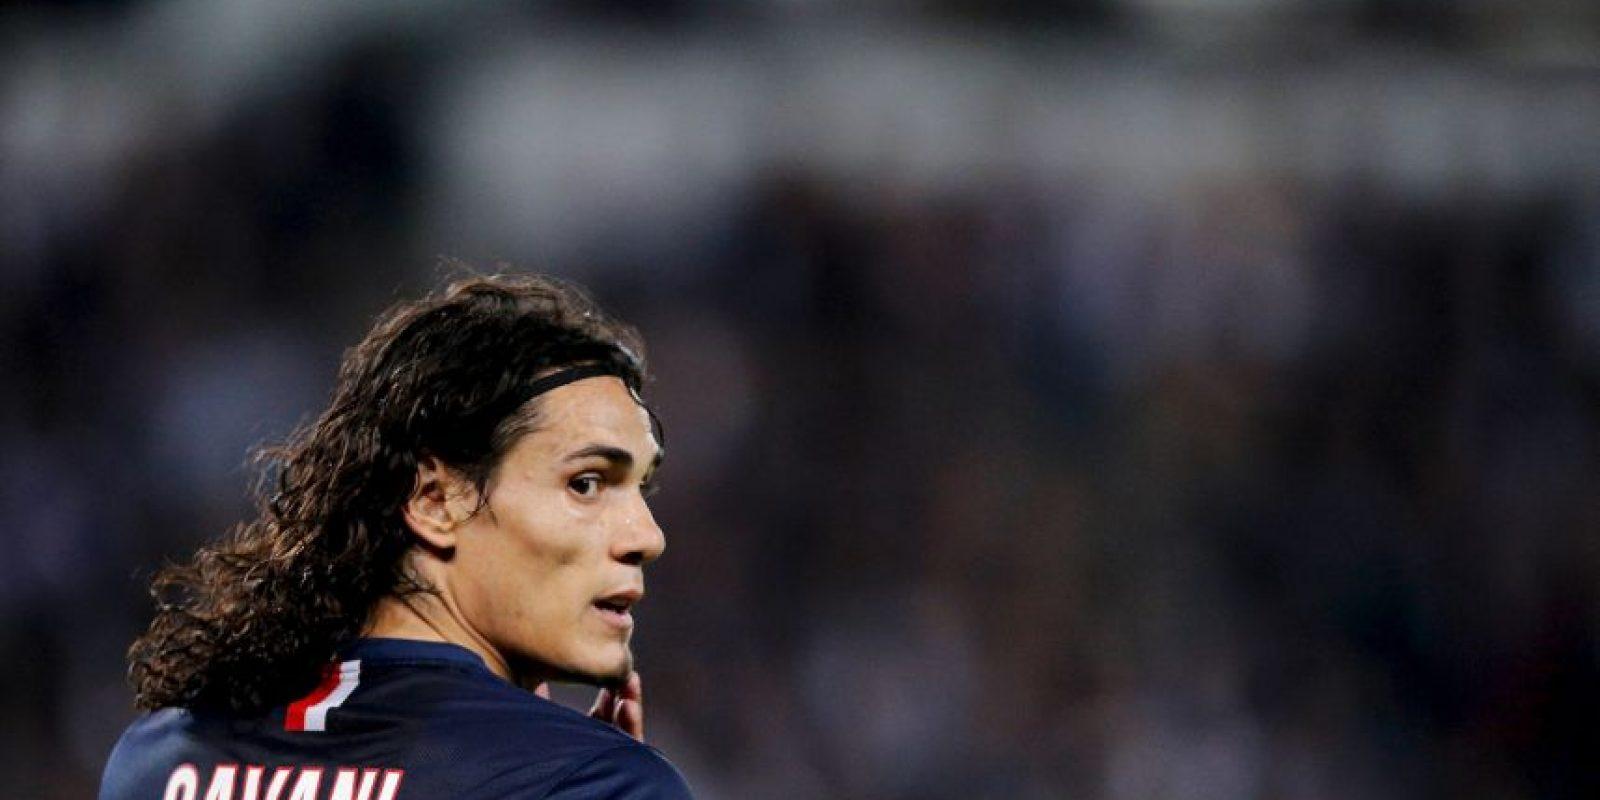 Antes destacó en el Nápoli de Italia, con el que consiguió 104 goles en 3 años. Foto:Getty Images